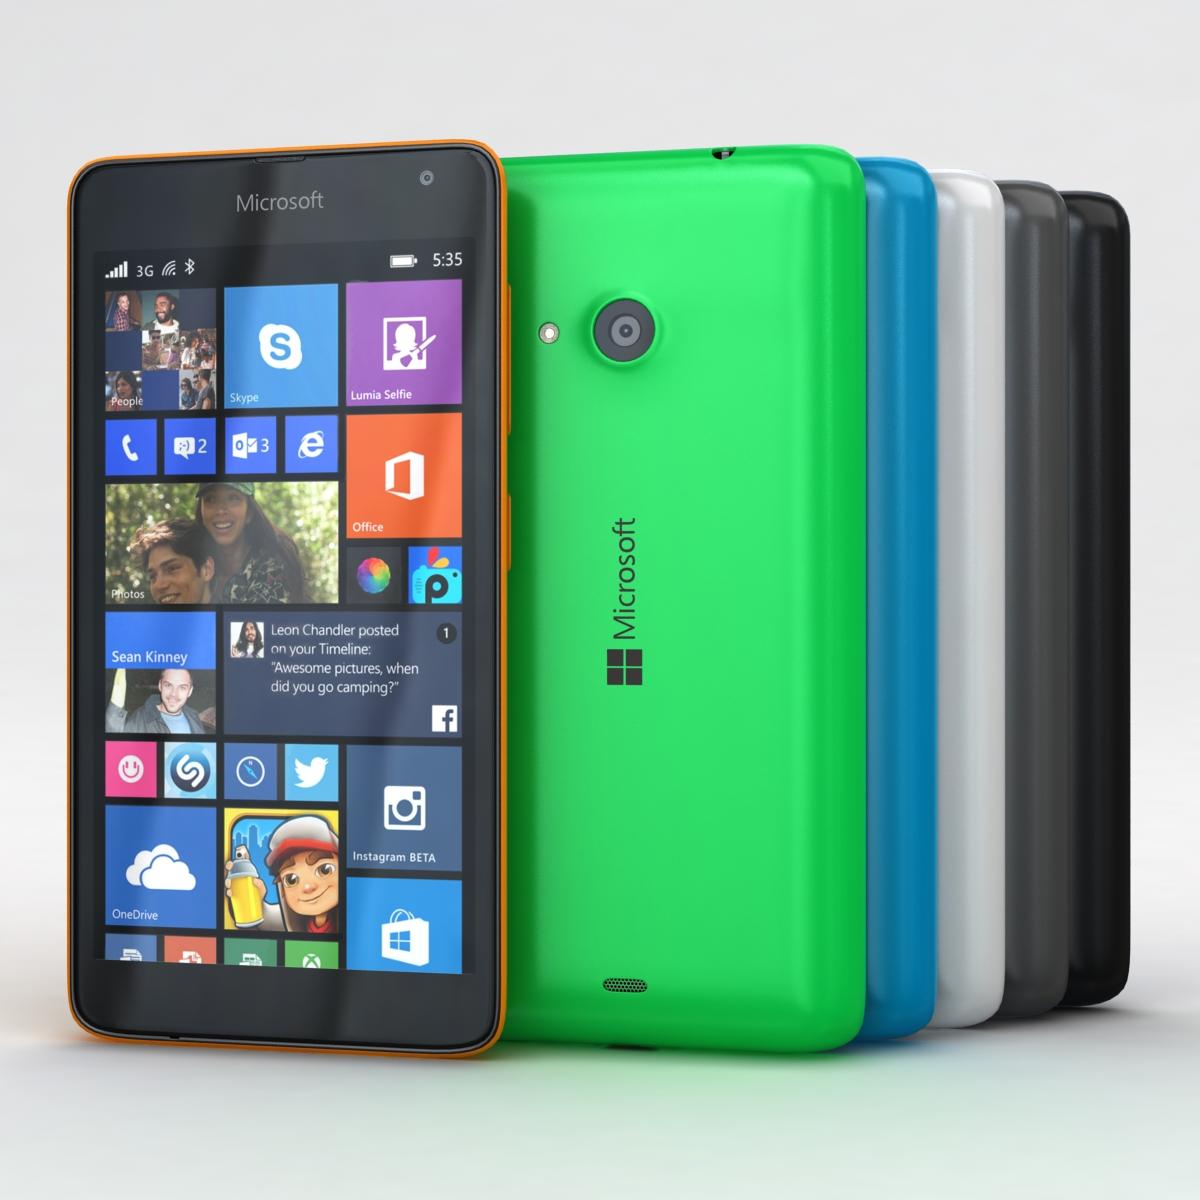 Microsoft Lumia 535 and Dual SIM All Colors 3d model 3ds max fbx c4d obj 204659